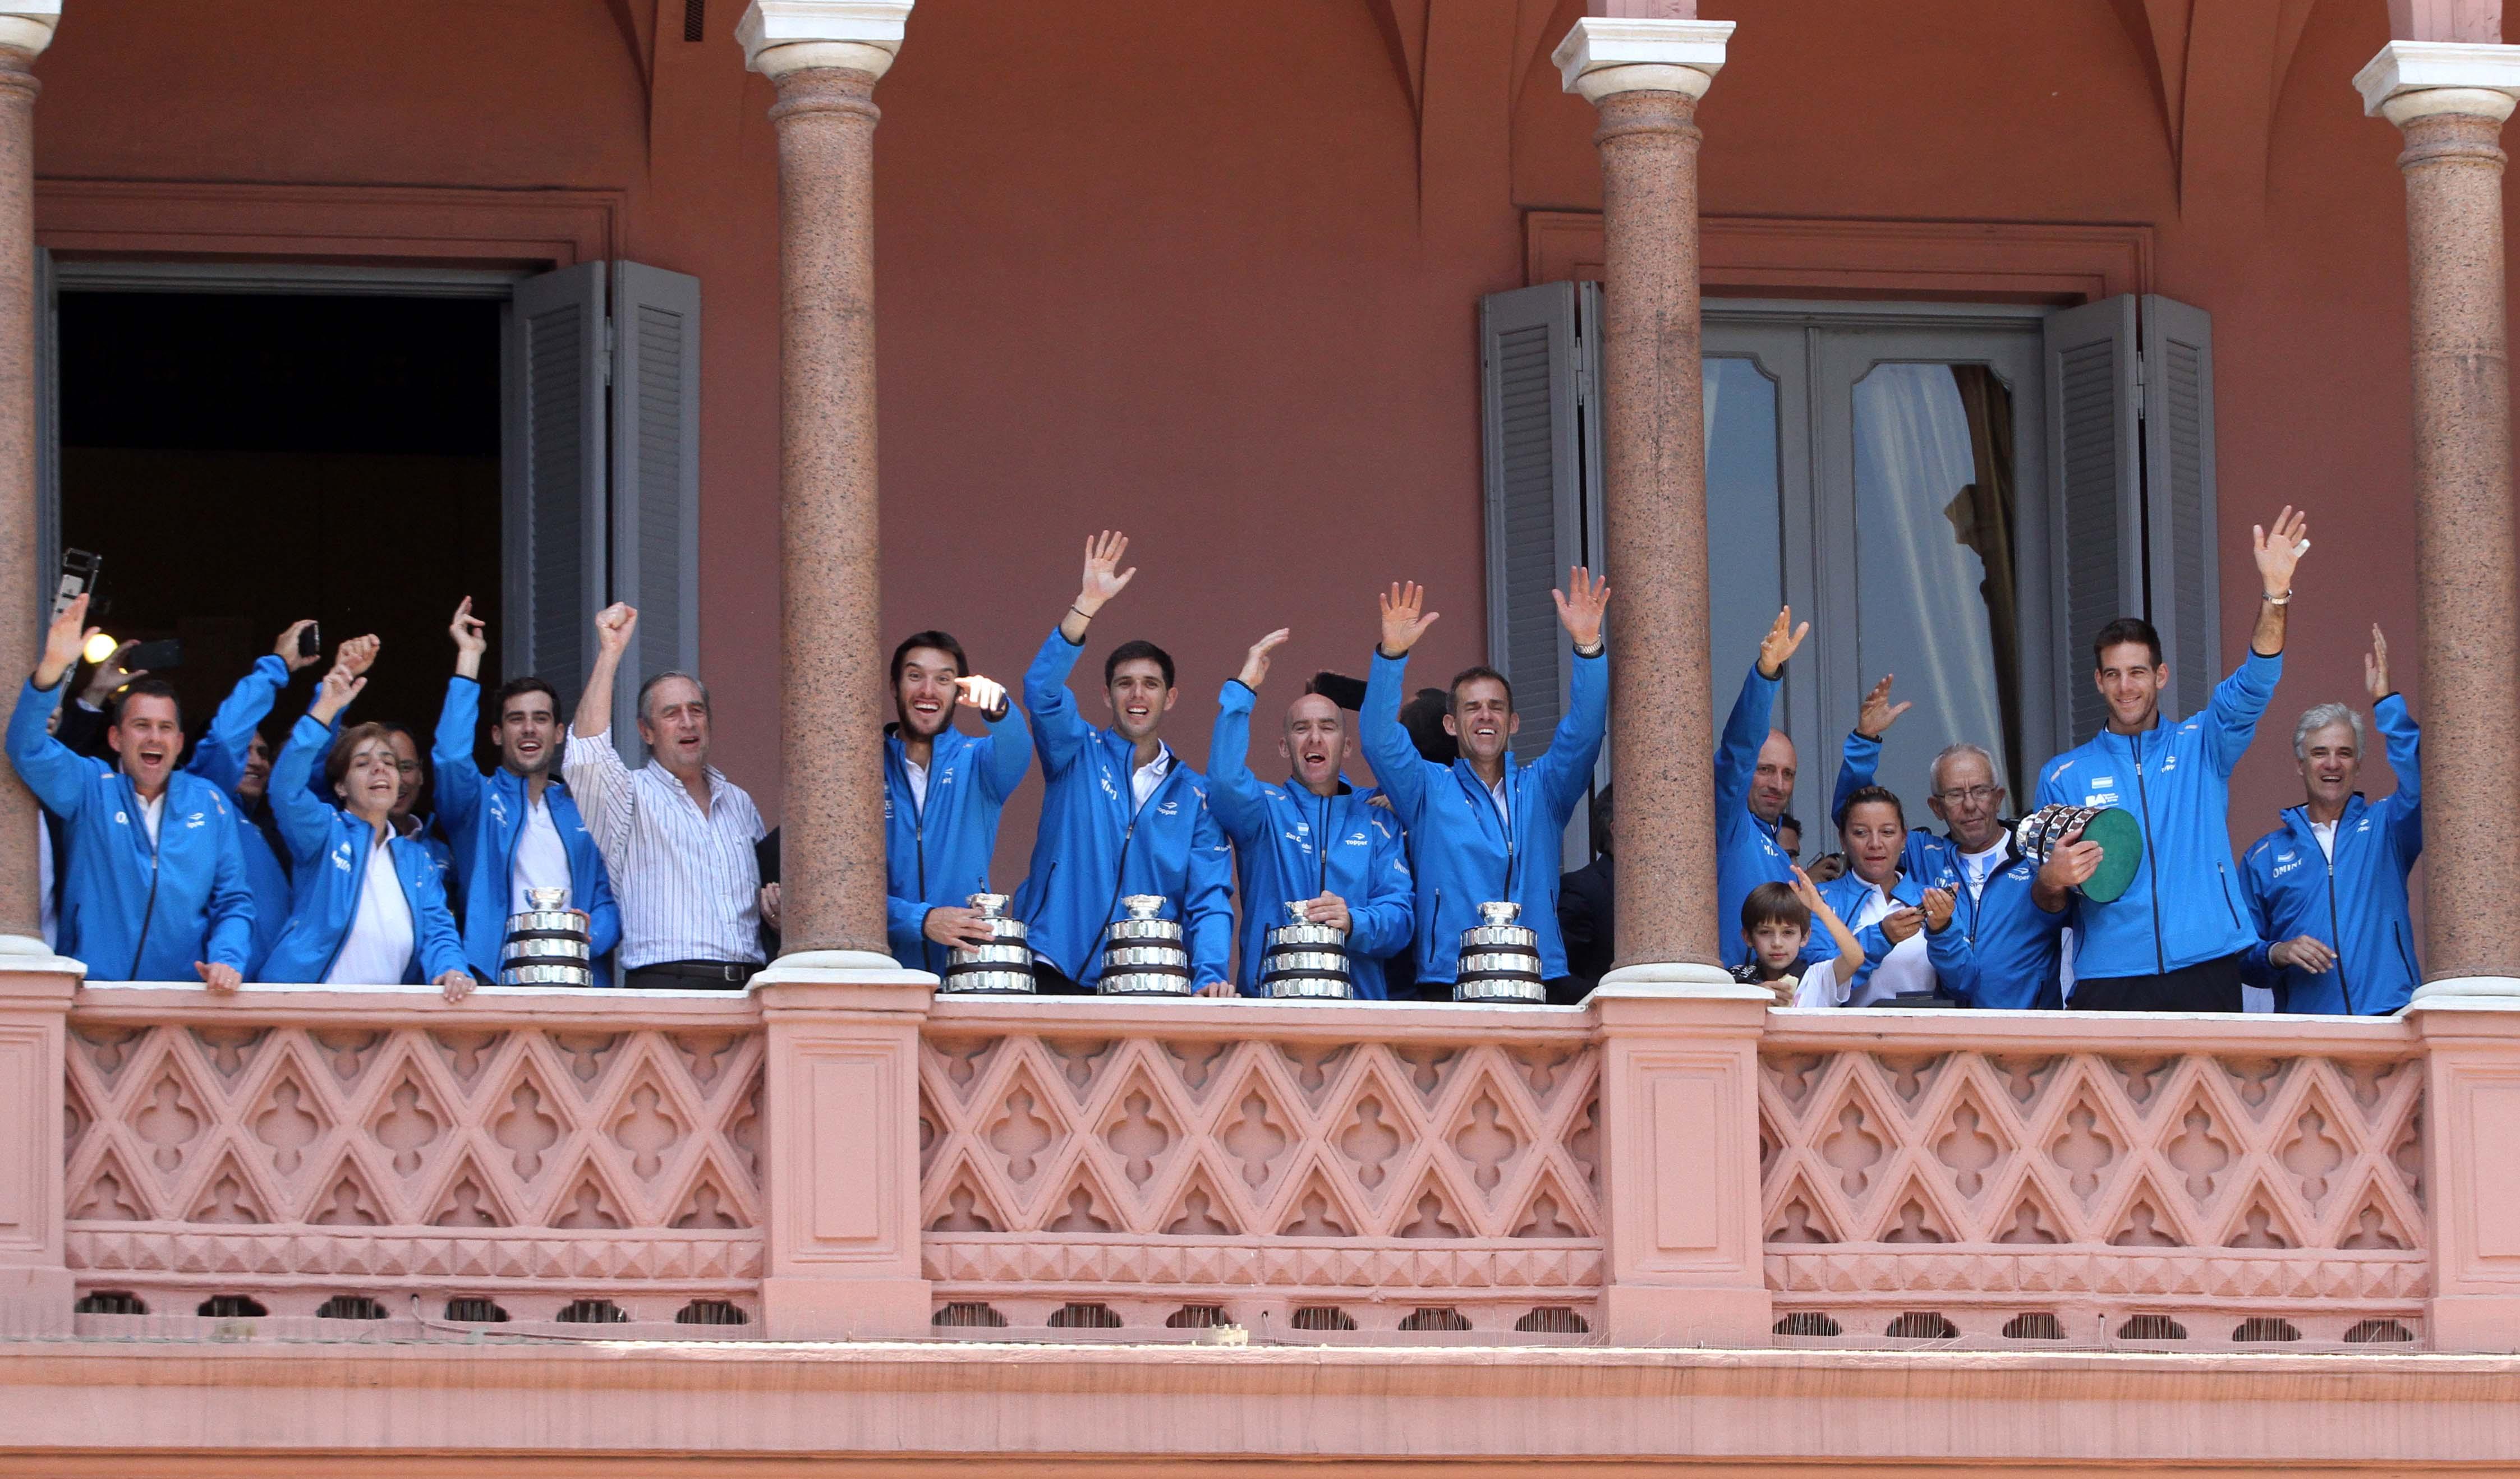 DYN31, BUENOS AIRES 29/11/16, EL EQUIPO CAMPEON DE COPA DAVIS, SALUDA DESDE EL BALCON DE CASA ROSADAFOTO.DYN/LILIANA SERVENTE.